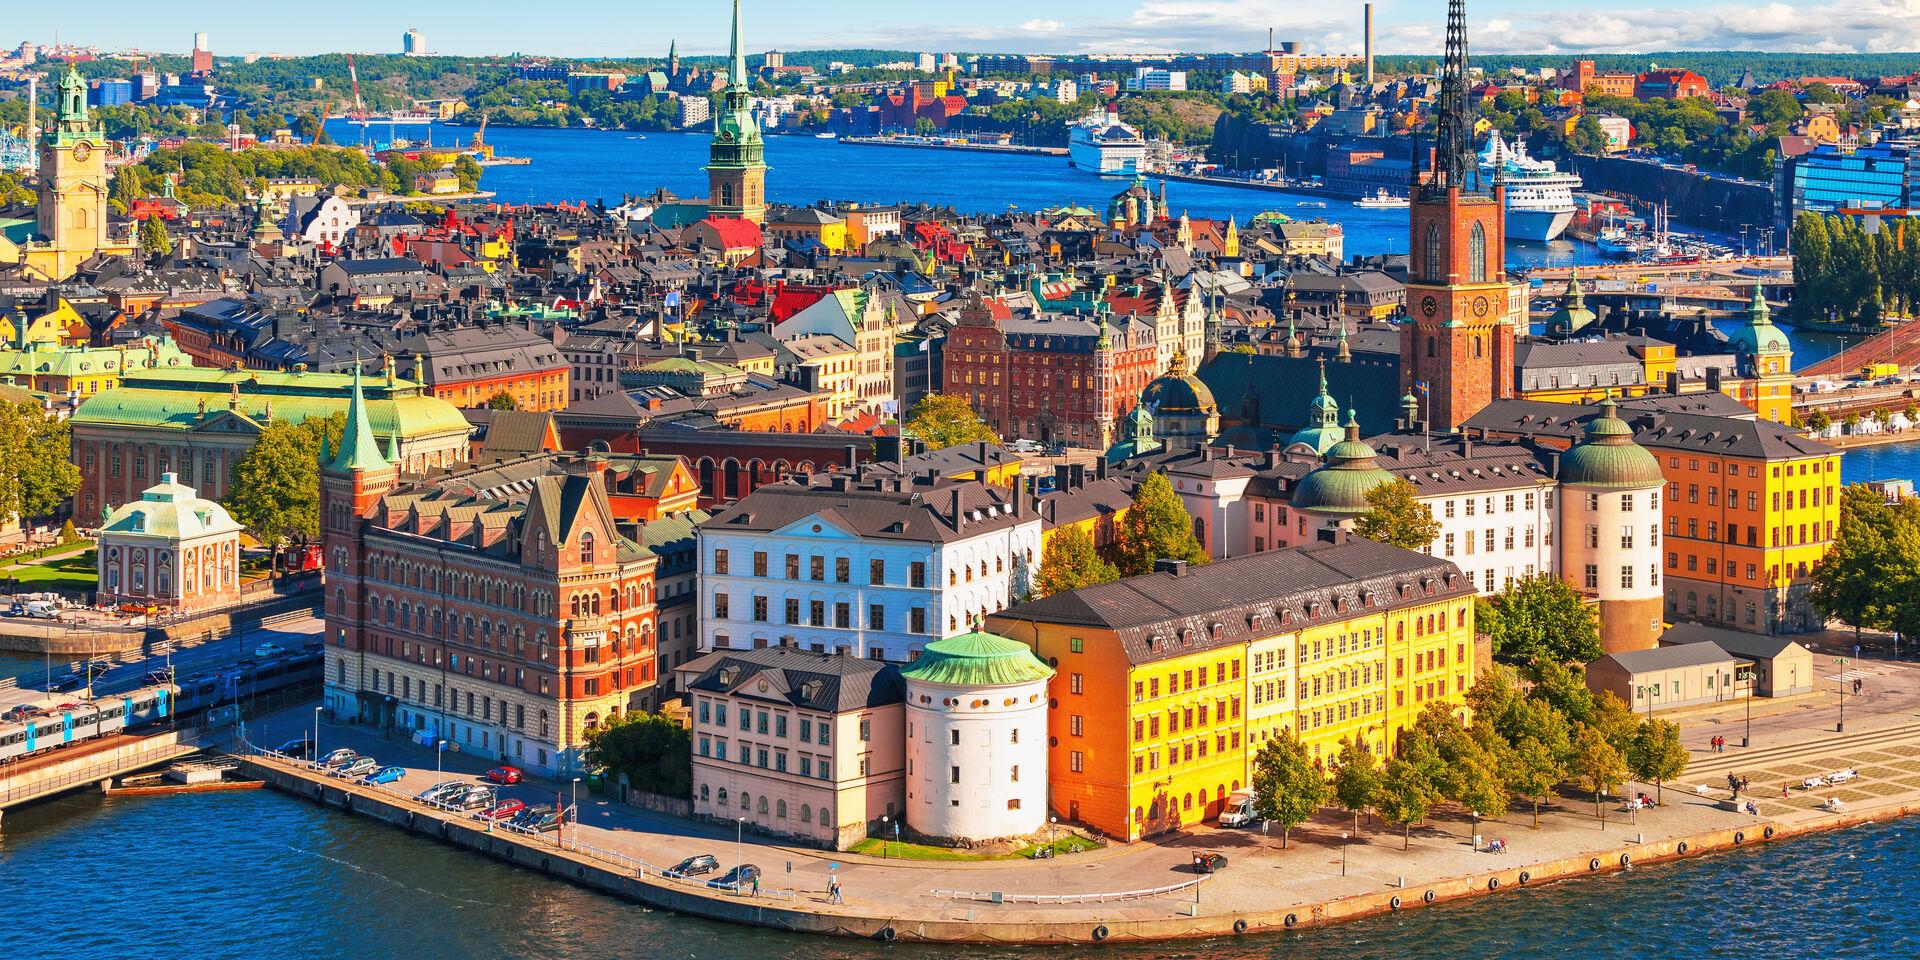 عدد سكان مدينة ستوكهولم